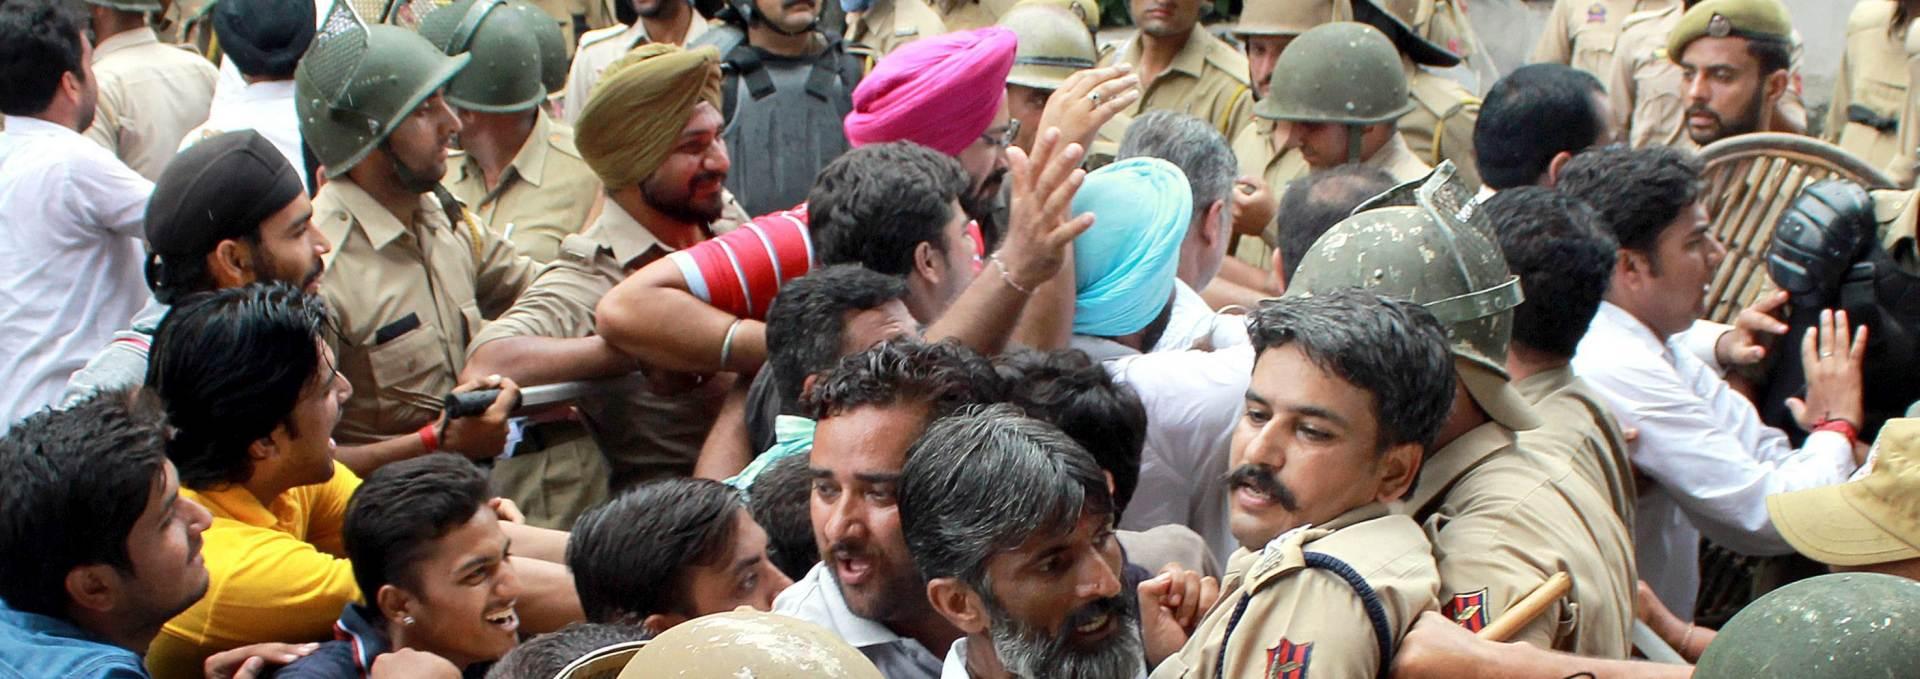 KOBNO NAGURAVANJE: Desetero mrtvih na hodočašću u Indiji